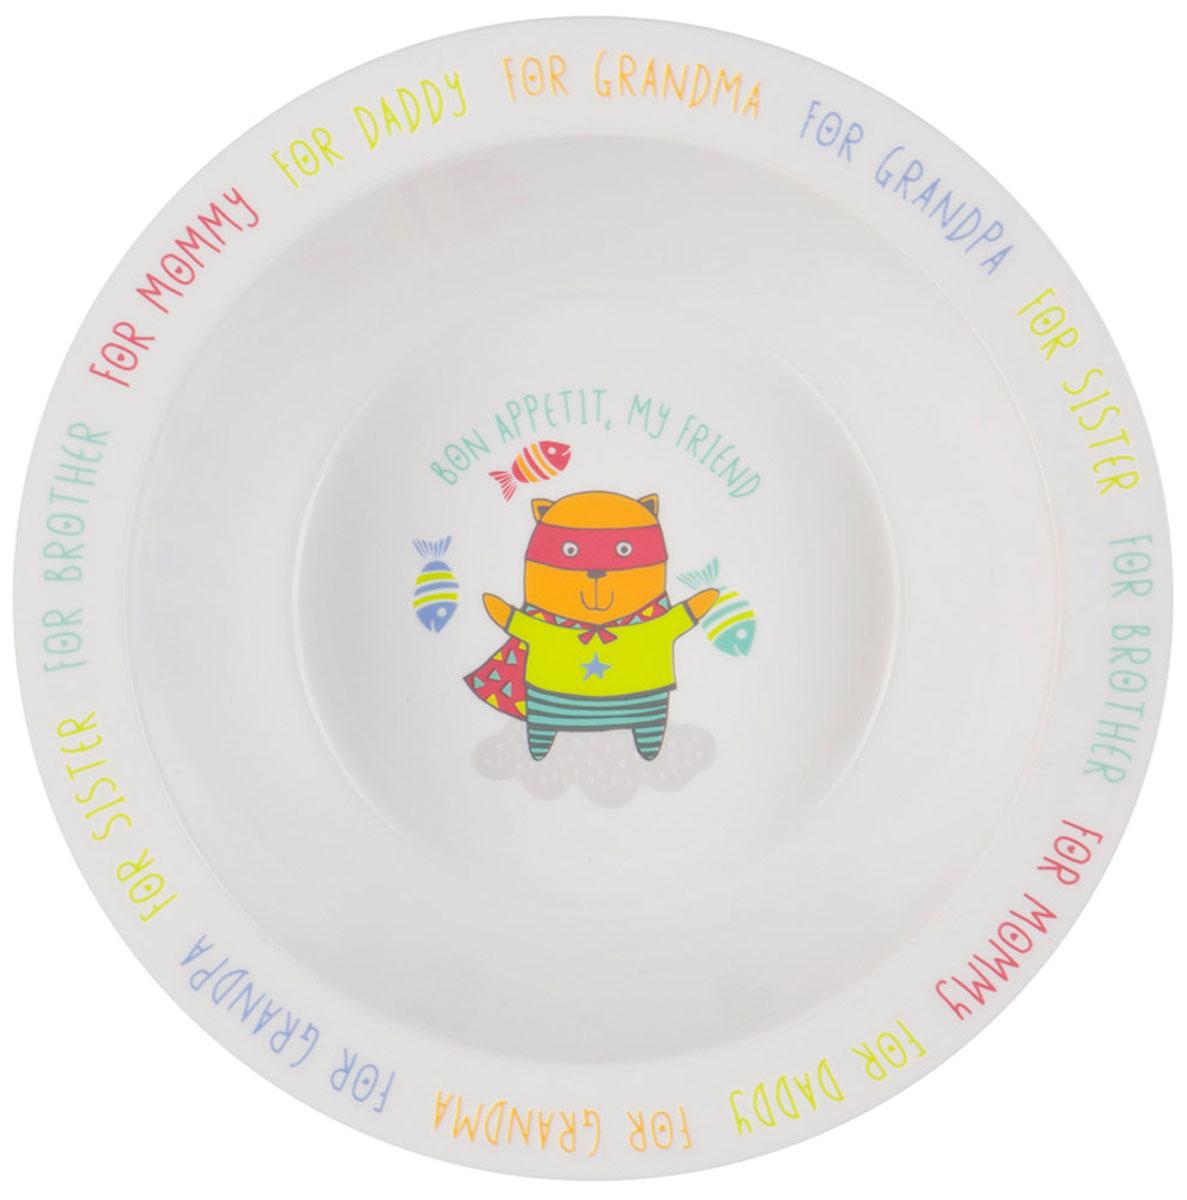 Happy Baby Тарелка детская Кот15016 NEW_кискаТарелка детская Happy Baby Кот изготовлена из безопасного материала. Тарелочка, оформленная веселой картинкой, понравится и малышу, и родителям! Ребенок будет с удовольствием учиться кушать самостоятельно. Тарелочка подходит для горячей и холодной пищи. Яркий дизайн тарелки превращает процесс кормления в увлекательную игру. Можно использовать в СВЧ-печи и мыть в посудомоечной машине. Подходит для детей от 6 месяцев.